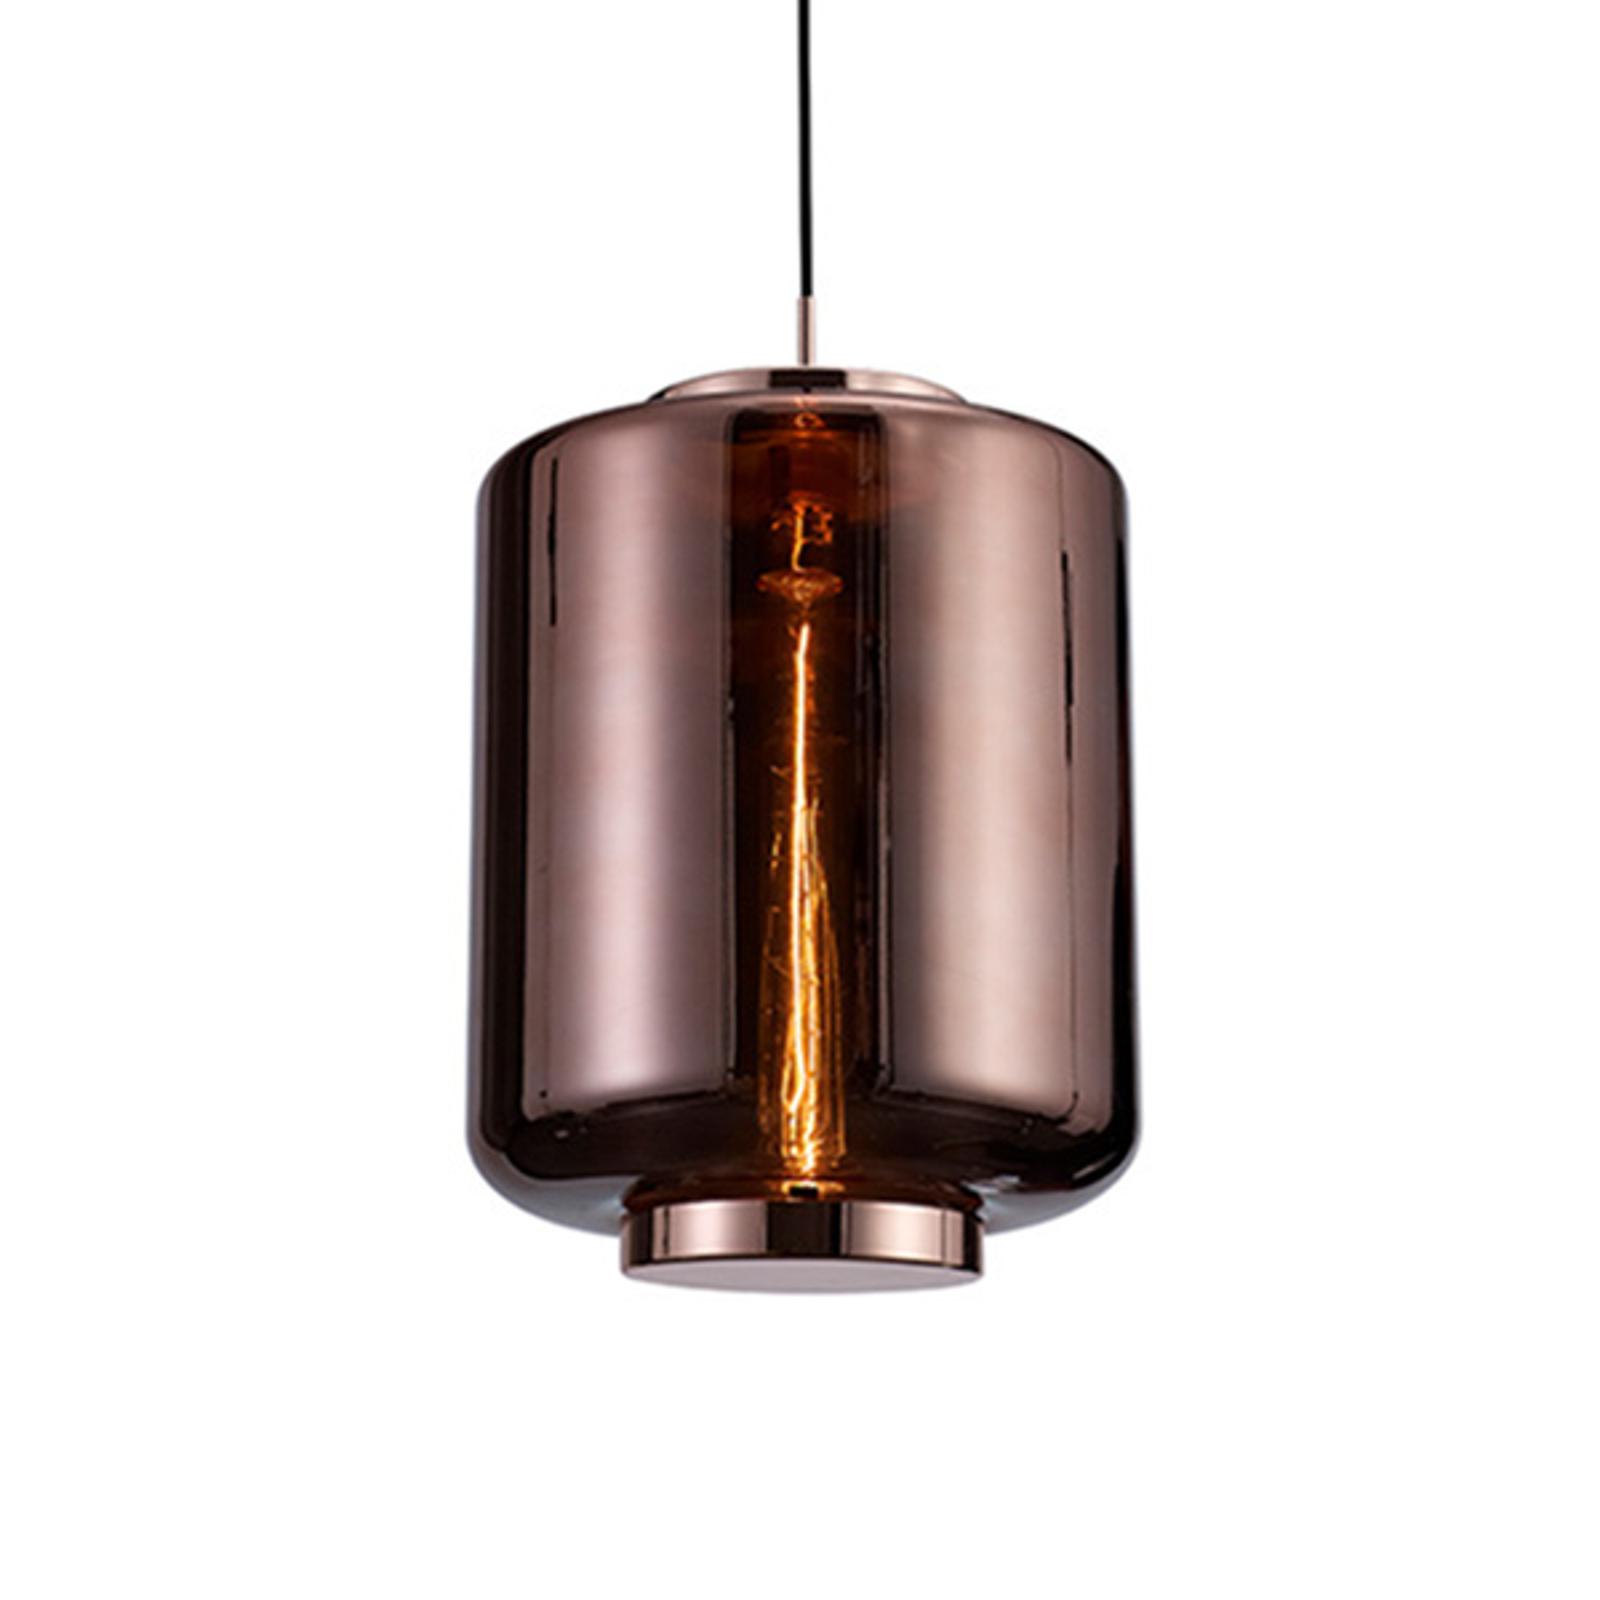 Jarras hengelampe av glass Ø 30 cm, kobber